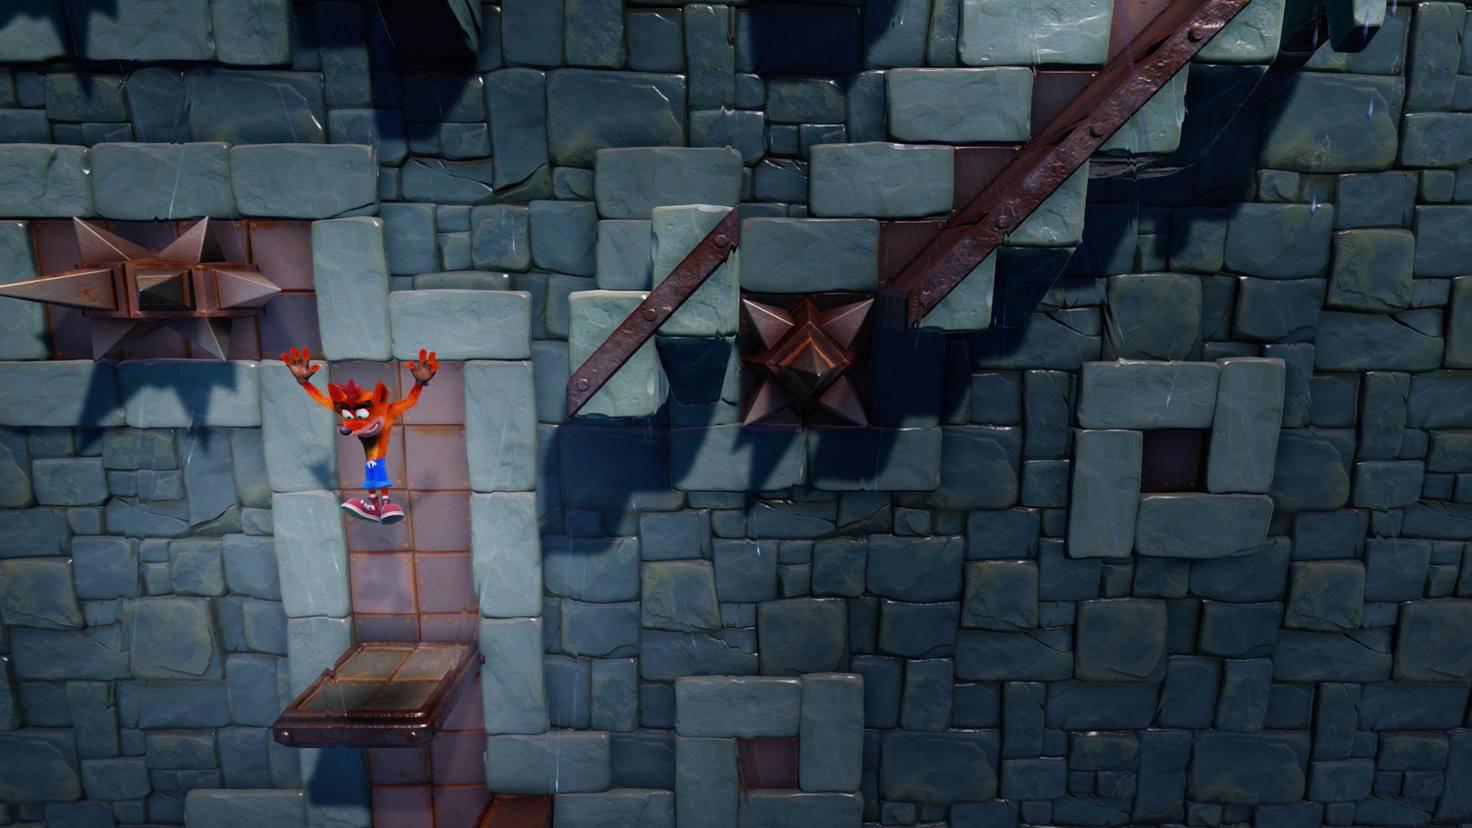 Mehr als einmal hätte ich den Controller gerne gegen die Wand geschmettert!